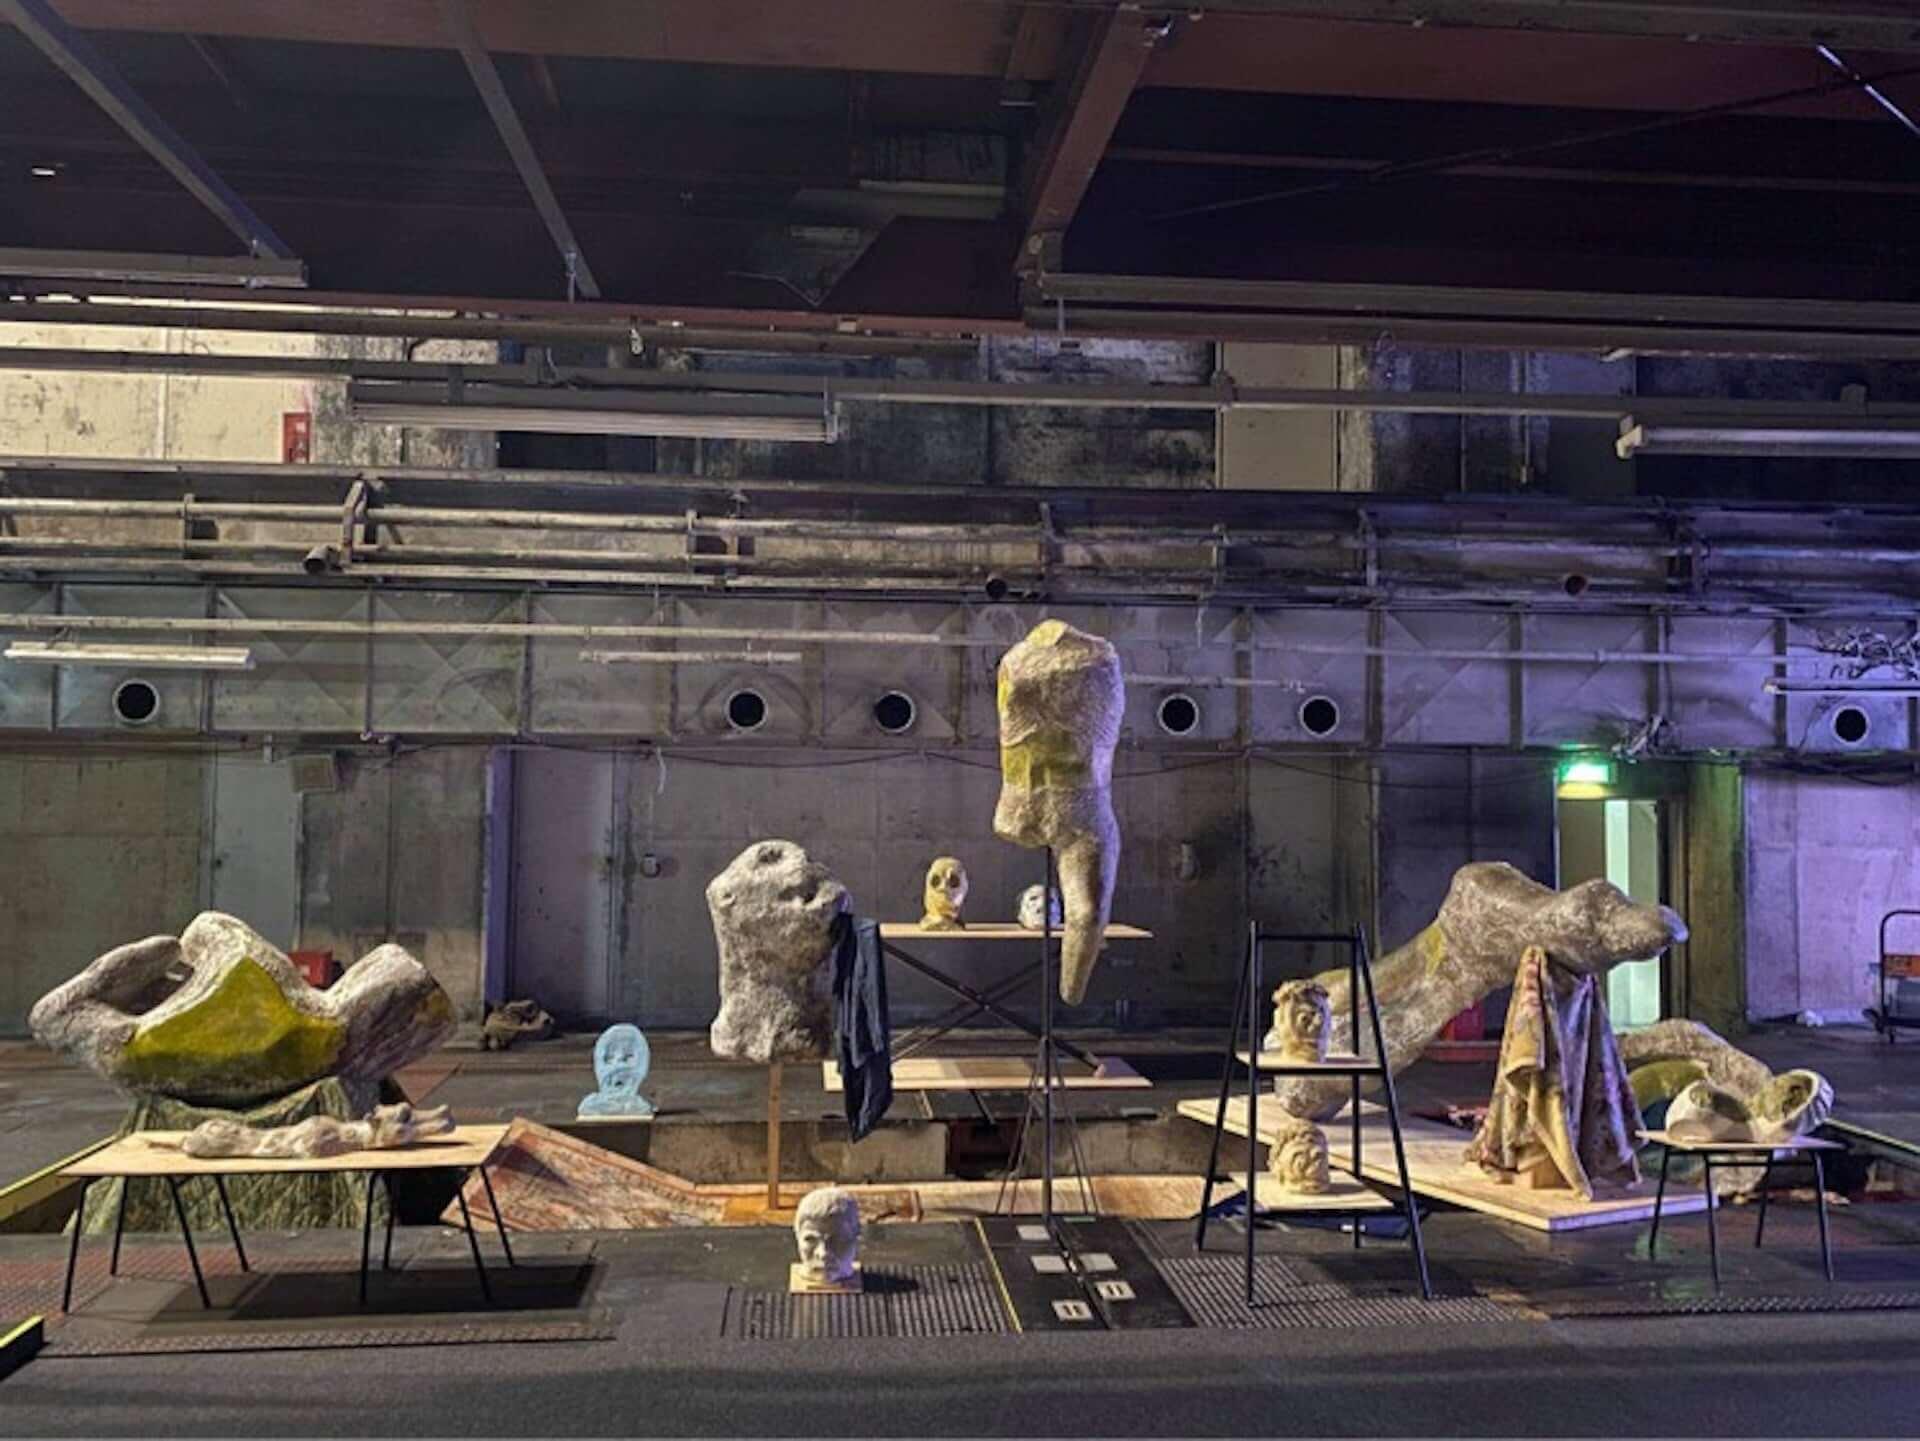 京都、奈良を拠点とする東慎也、米村優人の作品展<神の左手 悪魔の右手>が渋谷EUKARYOTEにて開催! art200722_eukaryote_6-1920x1441